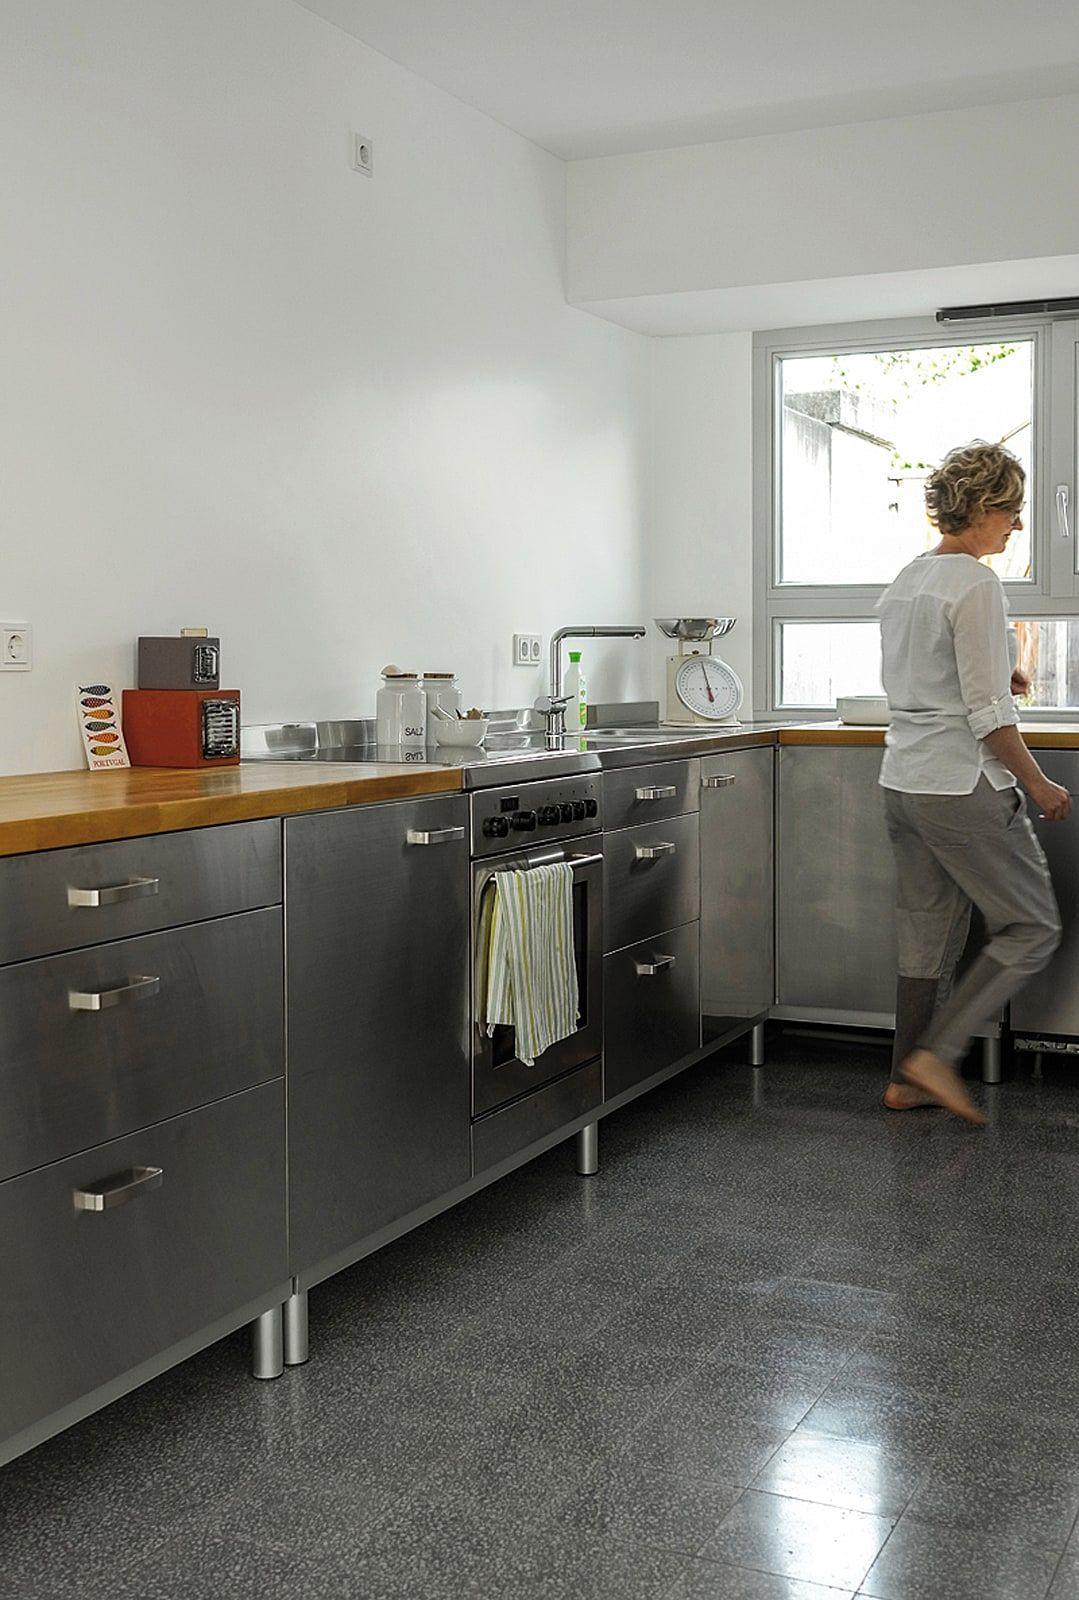 Bildbeispiel Terrazzoplatten Grob In Der Kuche Via N 900054 Kuchenfliesen Kuchenprodukte Kuche